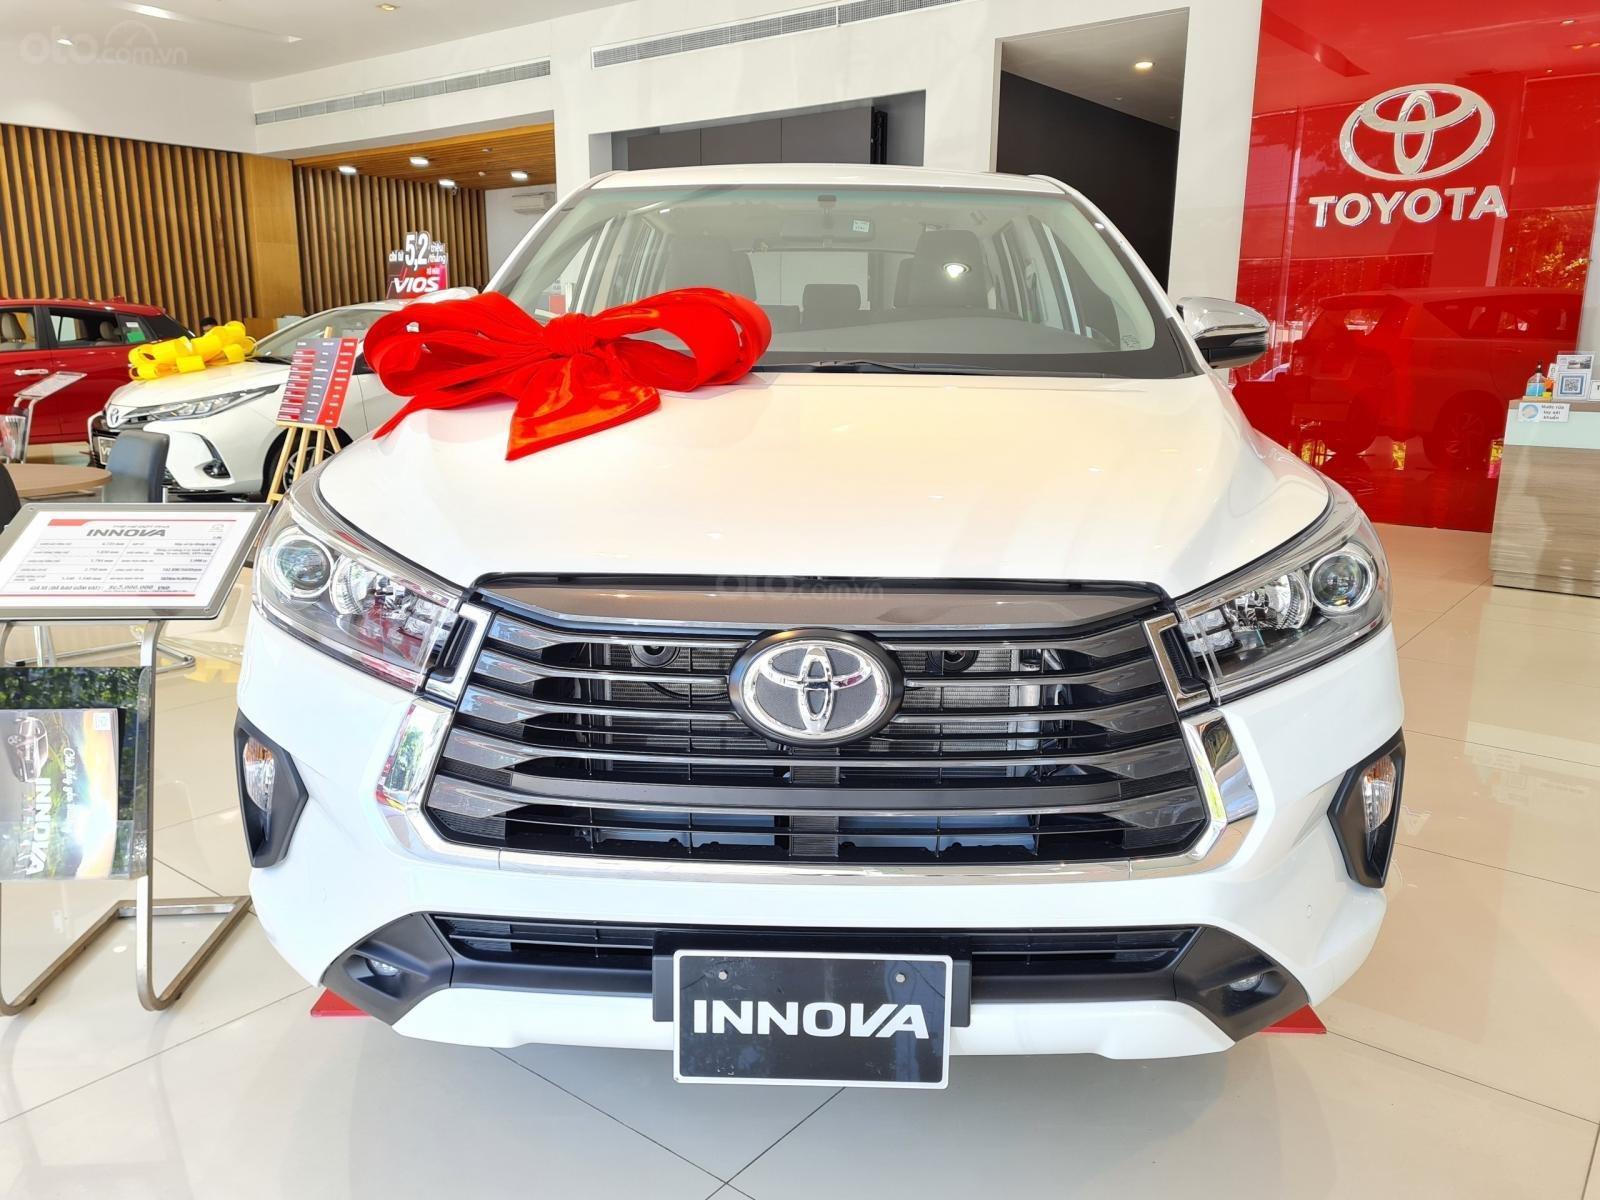 Cần bán Toyota Innova G 2.0AT sản xuất năm 2021, giá cạnh tranh, giao ngay (1)